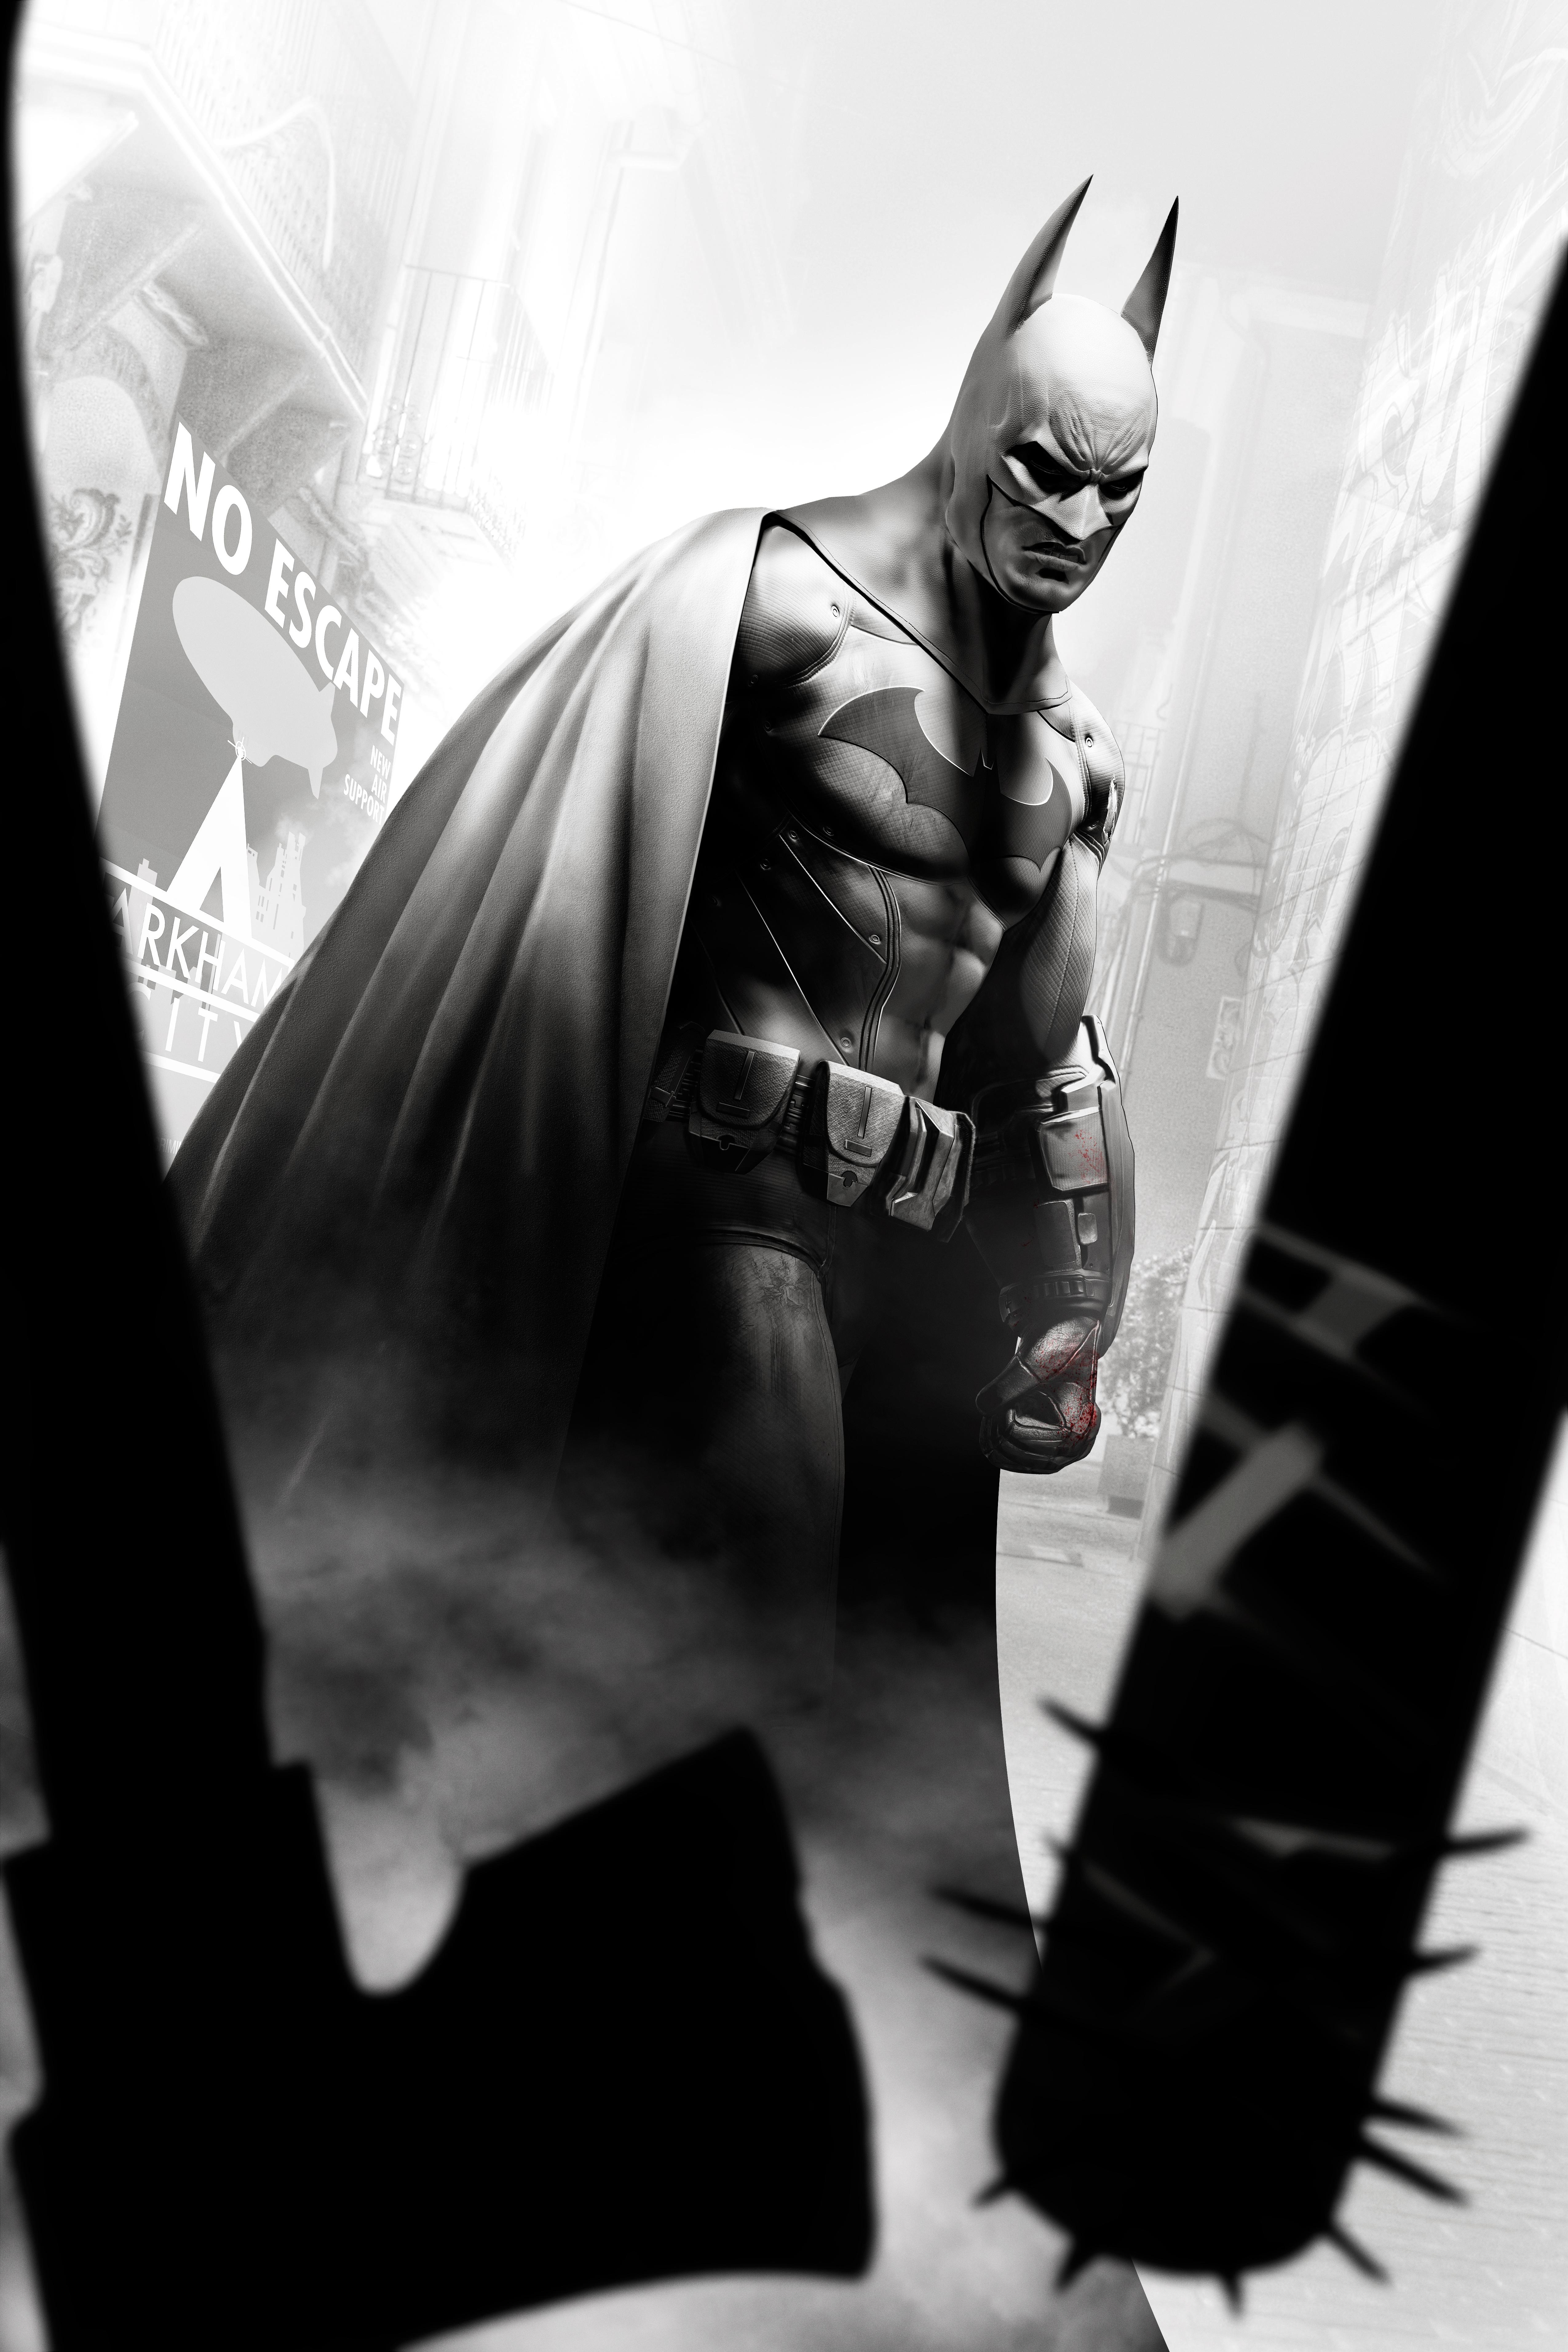 Batman vs Nail Bat.jpg